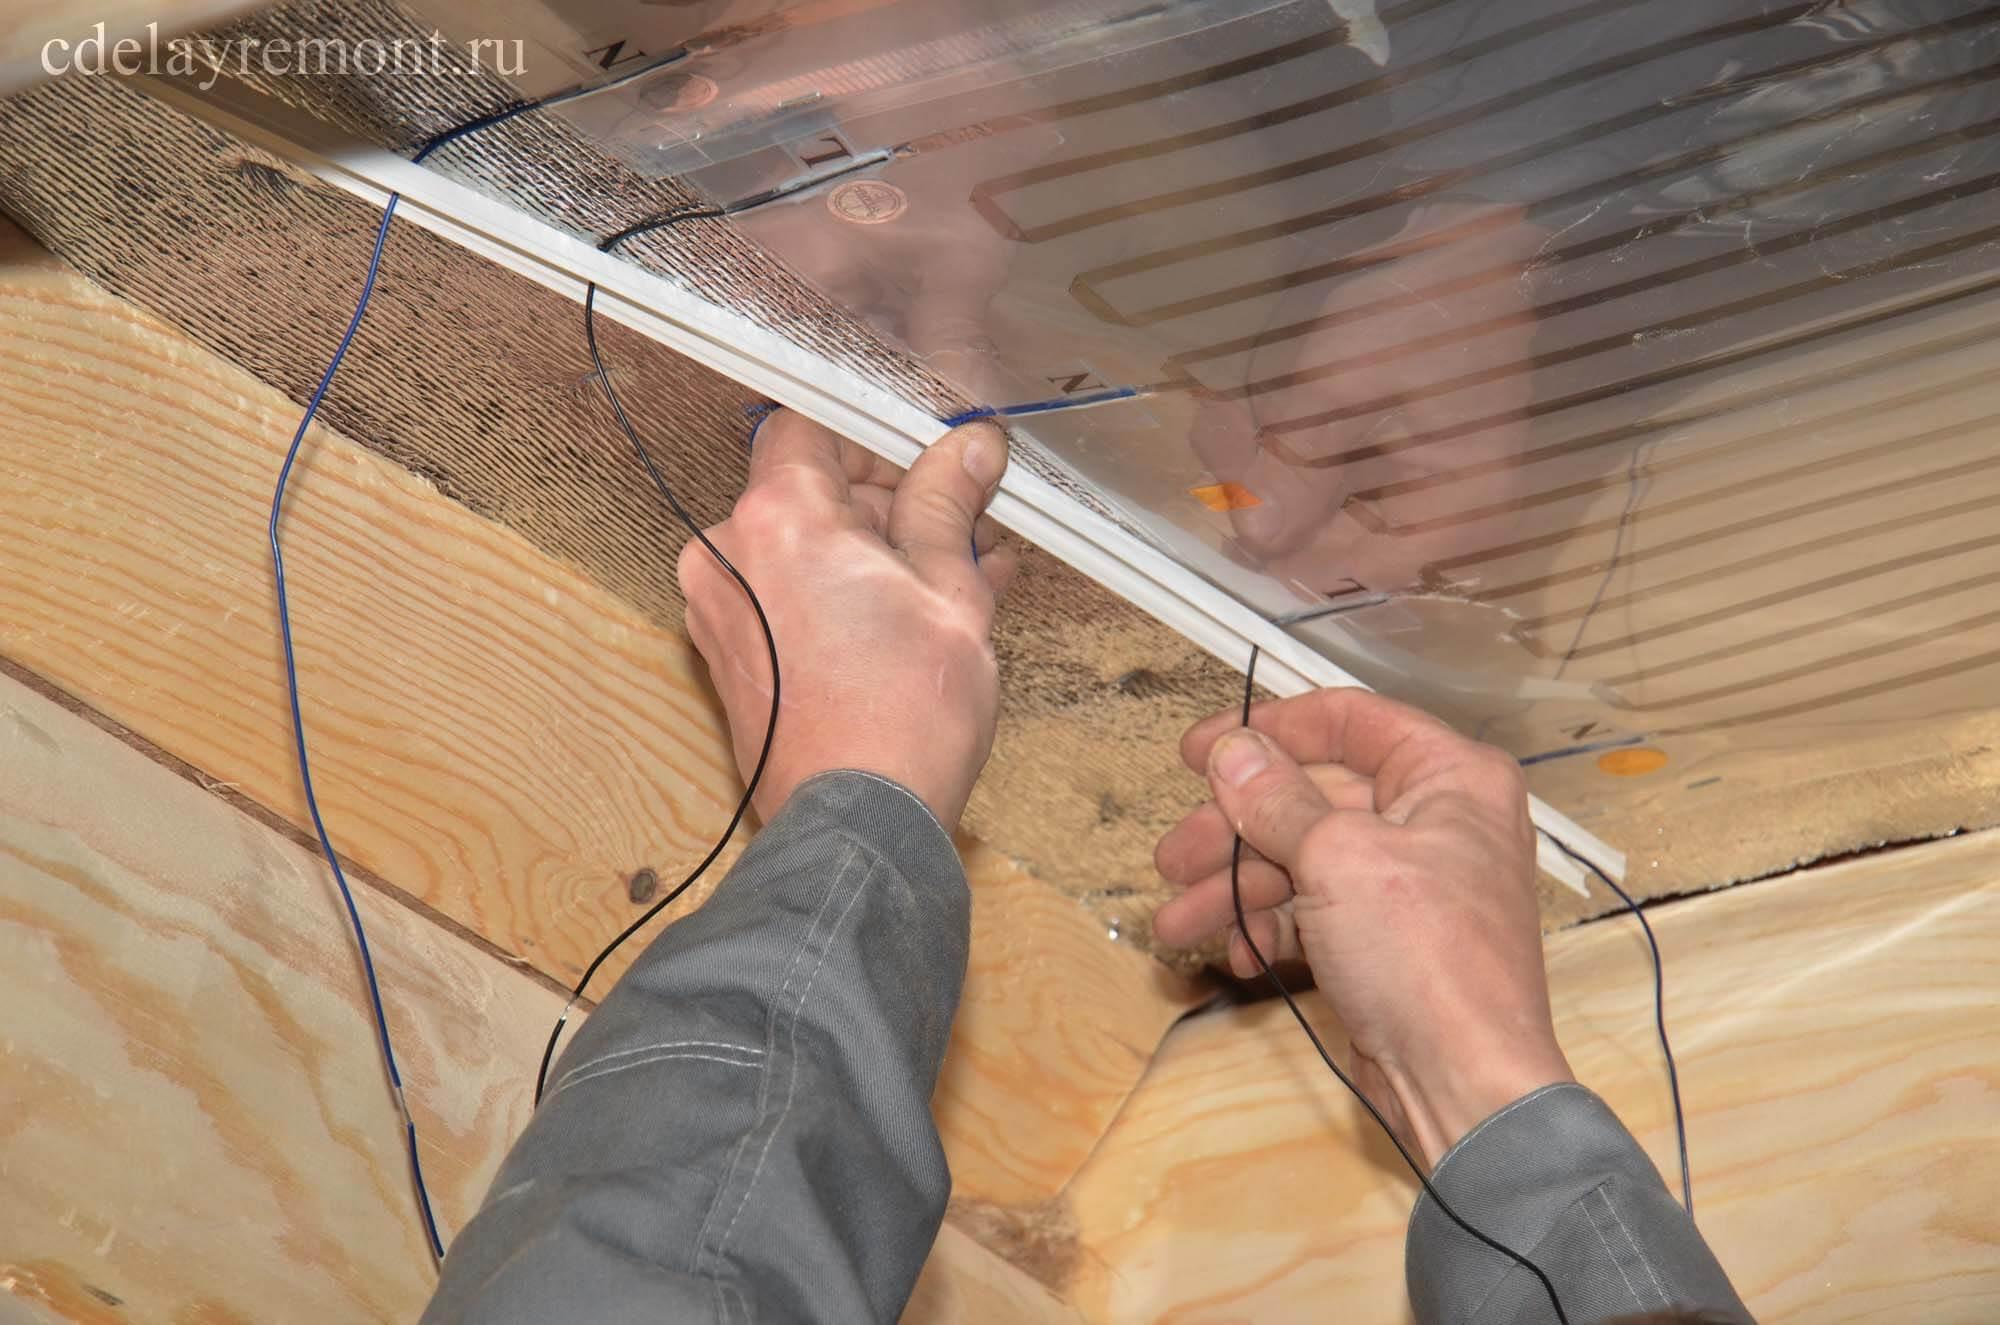 Проделали отверстия в коробе и протягиваем через них провода